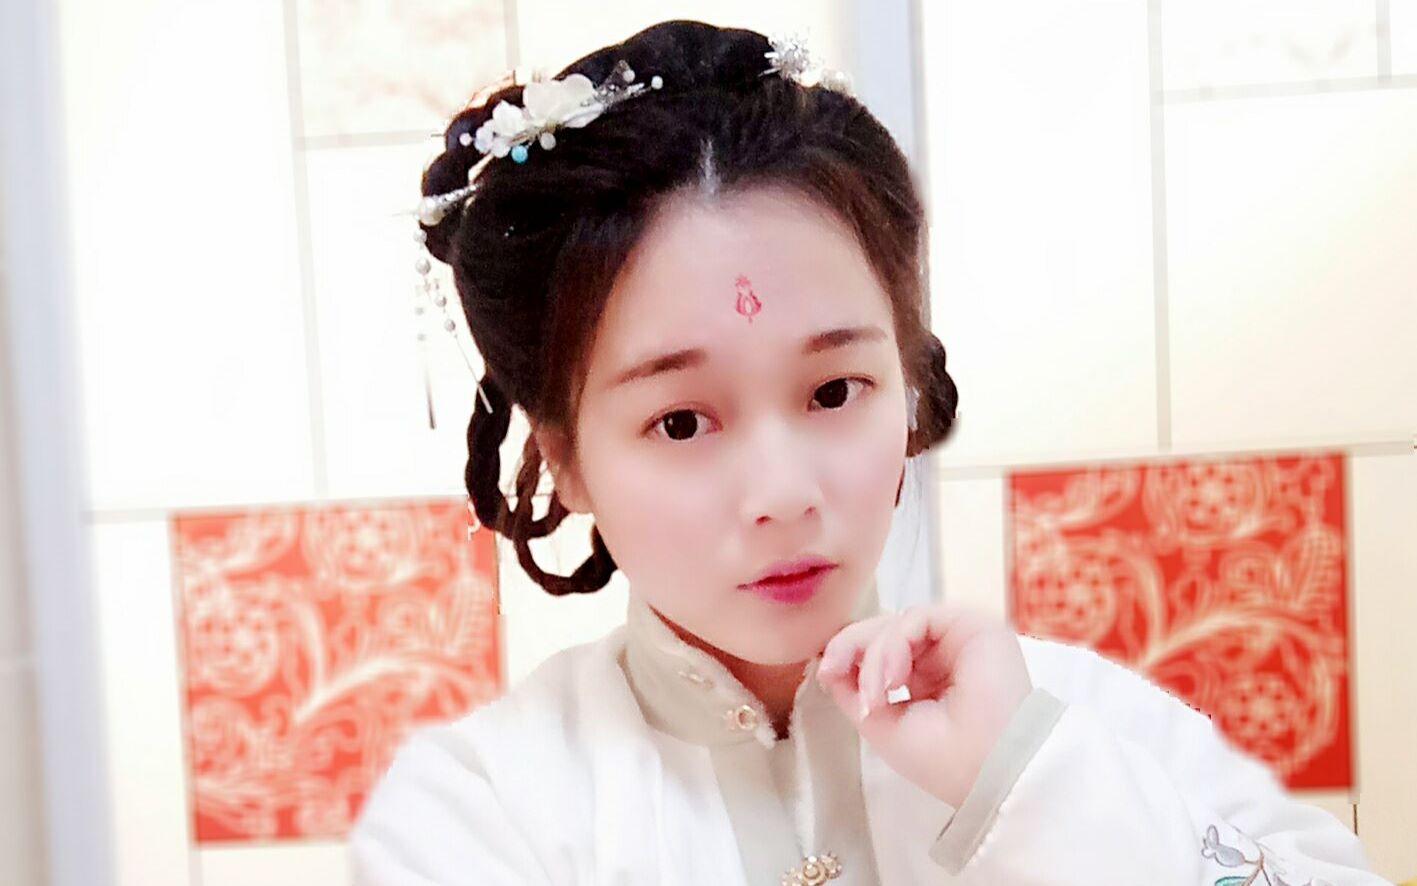 简单美丽的发辫无刘海设计 古风_发型设计图片